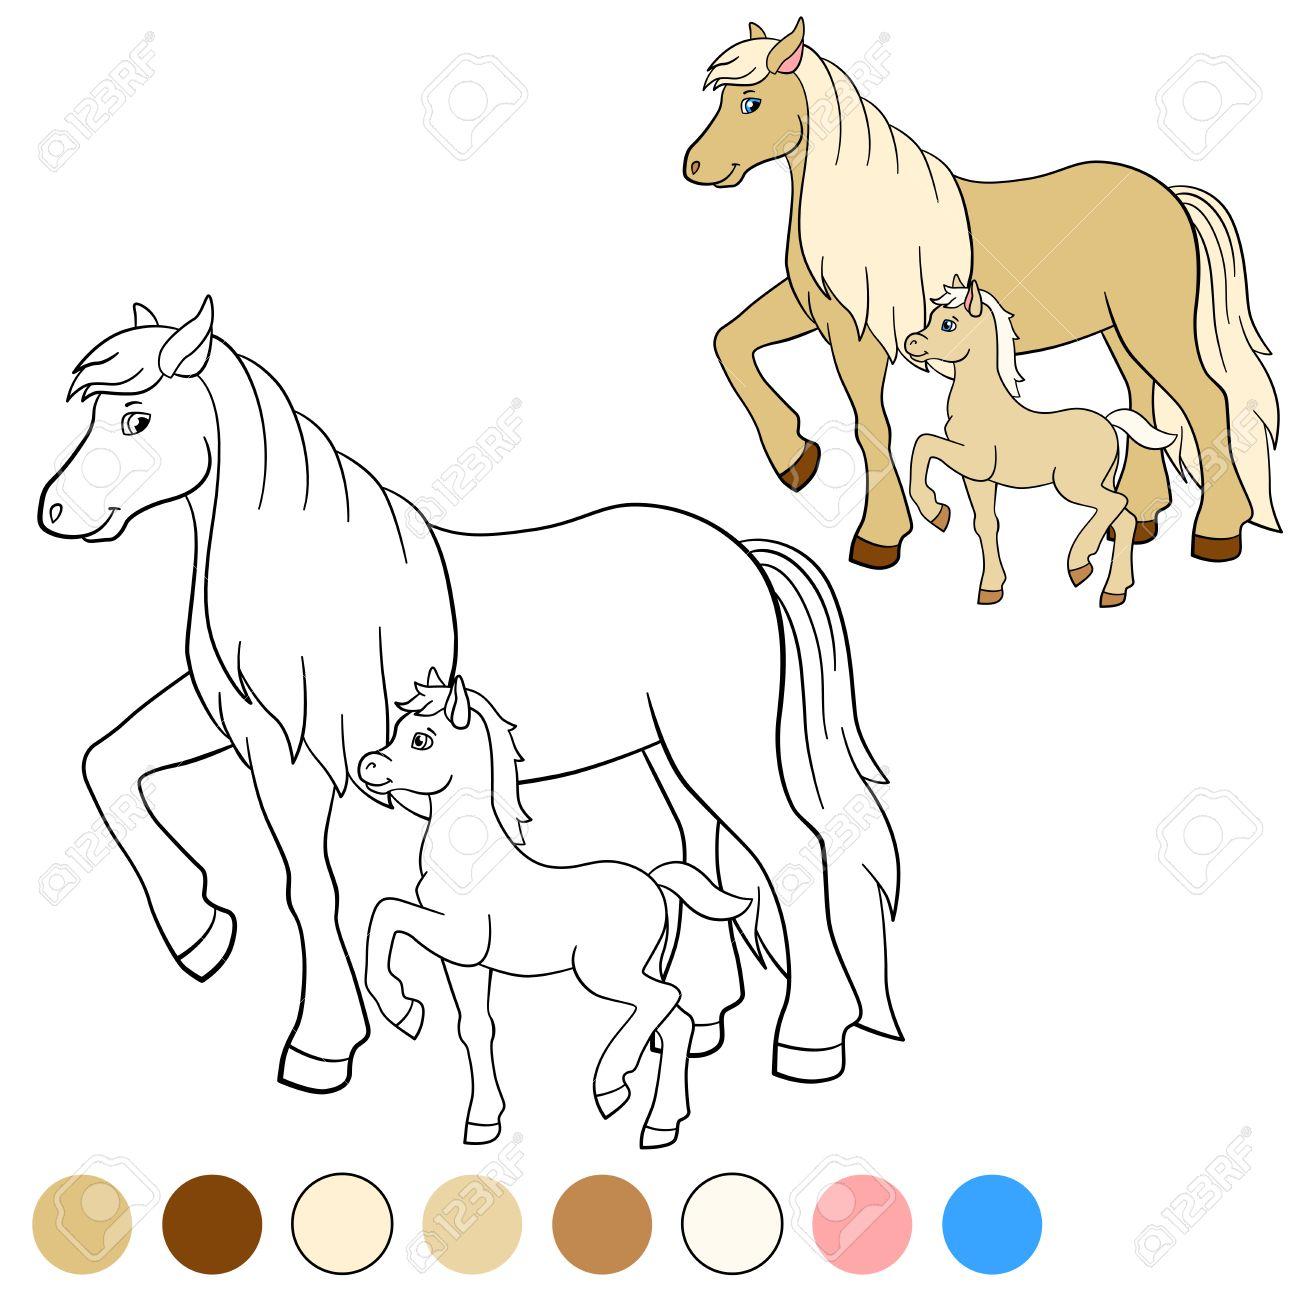 Dibujo Para Colorear. Color Me: Caballo. Caballo Madre Recorre Con ...